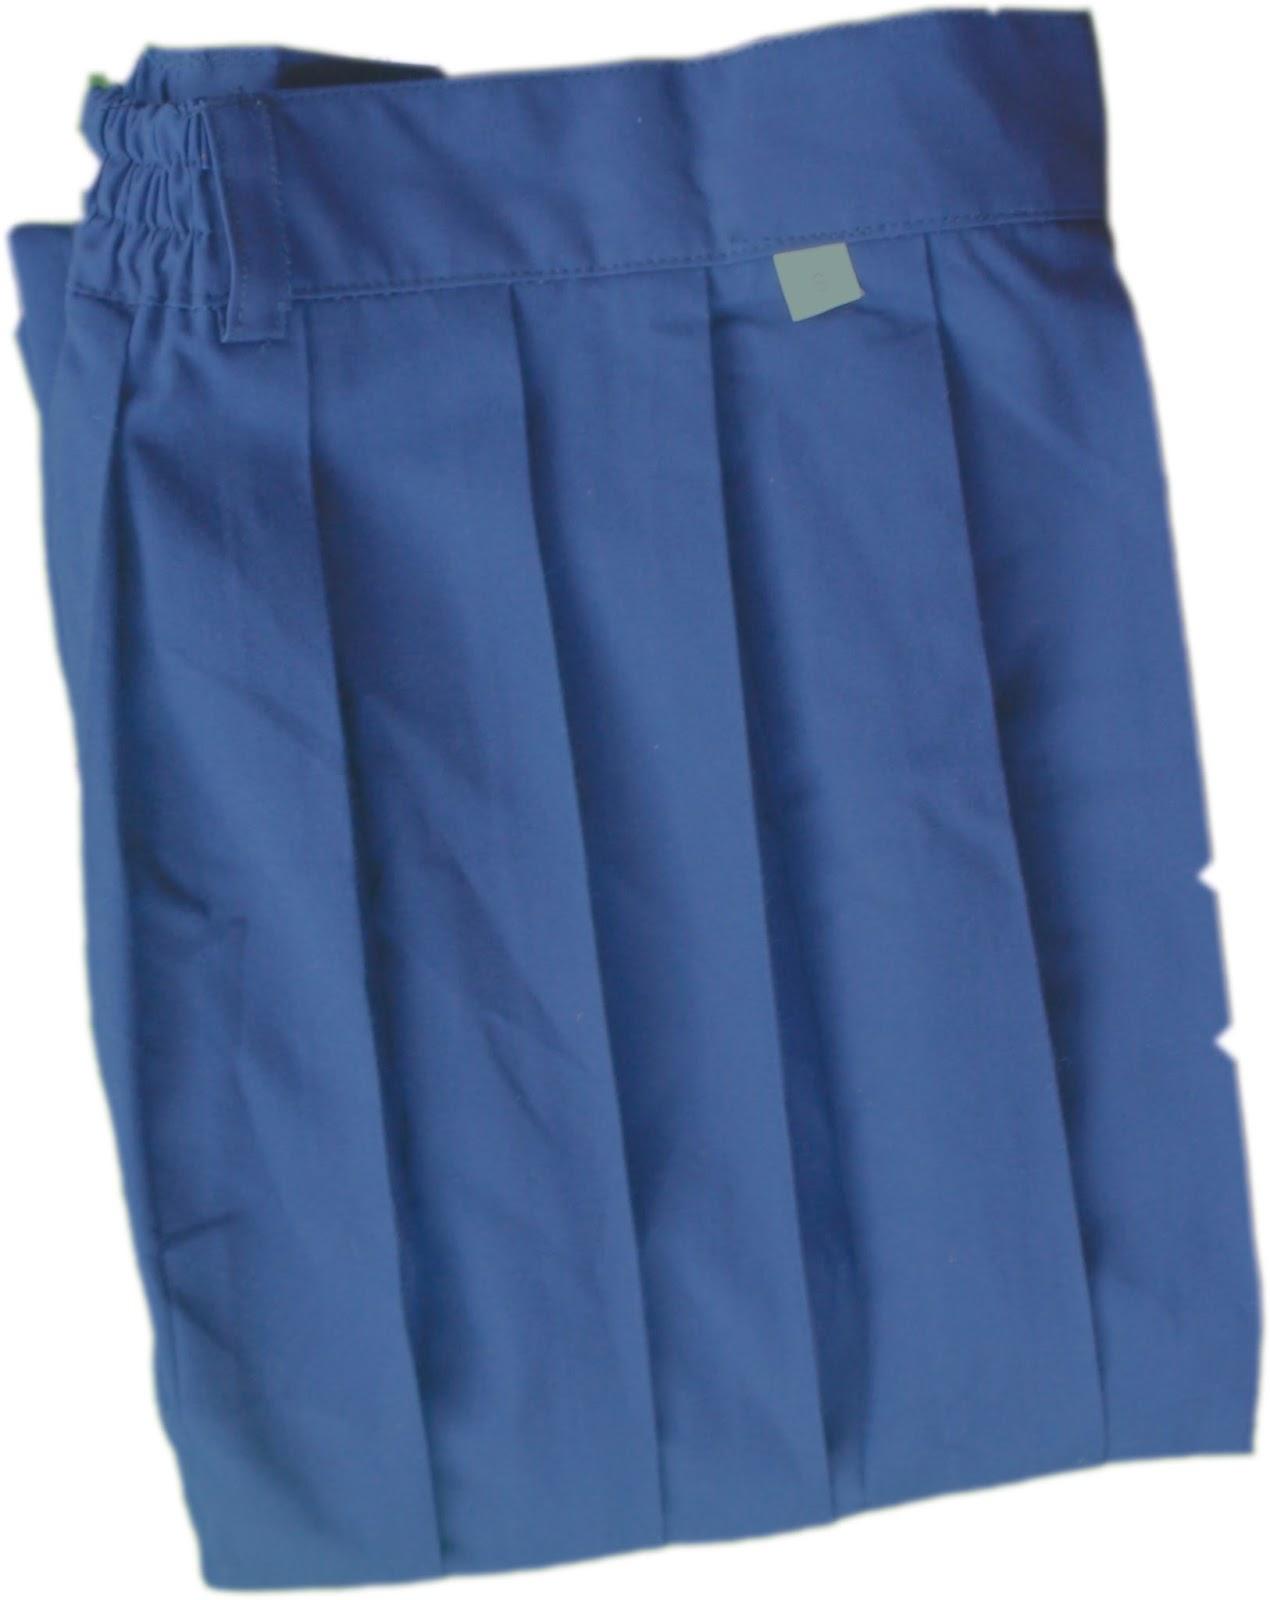 rok panjang biru smp uk L,L2